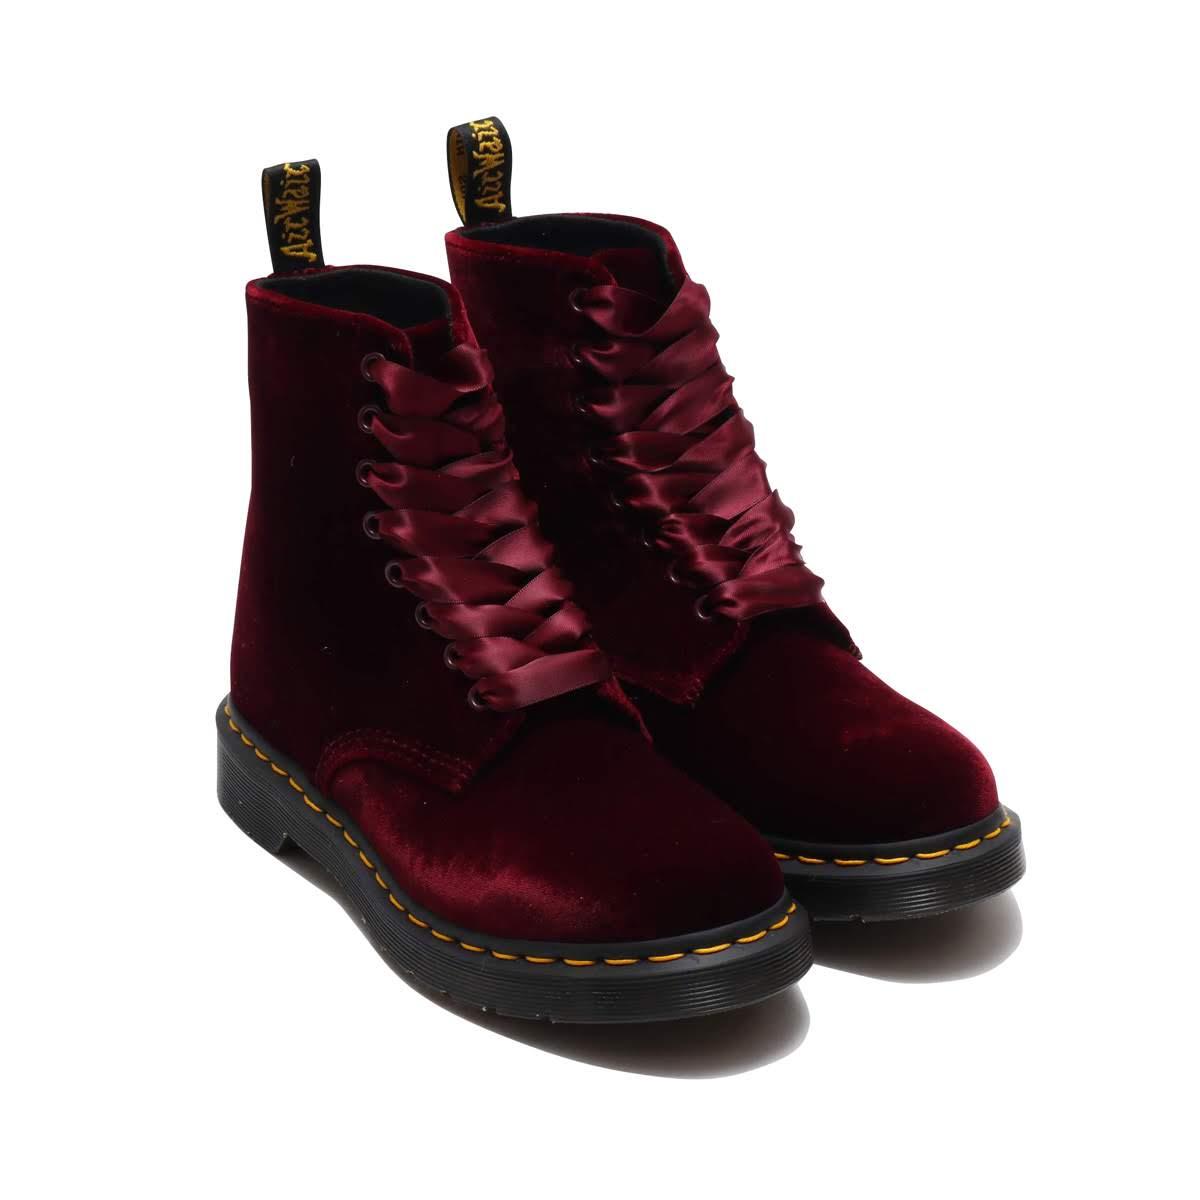 Dr.Martens 1460 Pascal Velvet (ドクターマーチン 1460 パスカル ベルベット)Cherry Red【メンズ レディース ブーツ】18FW-I